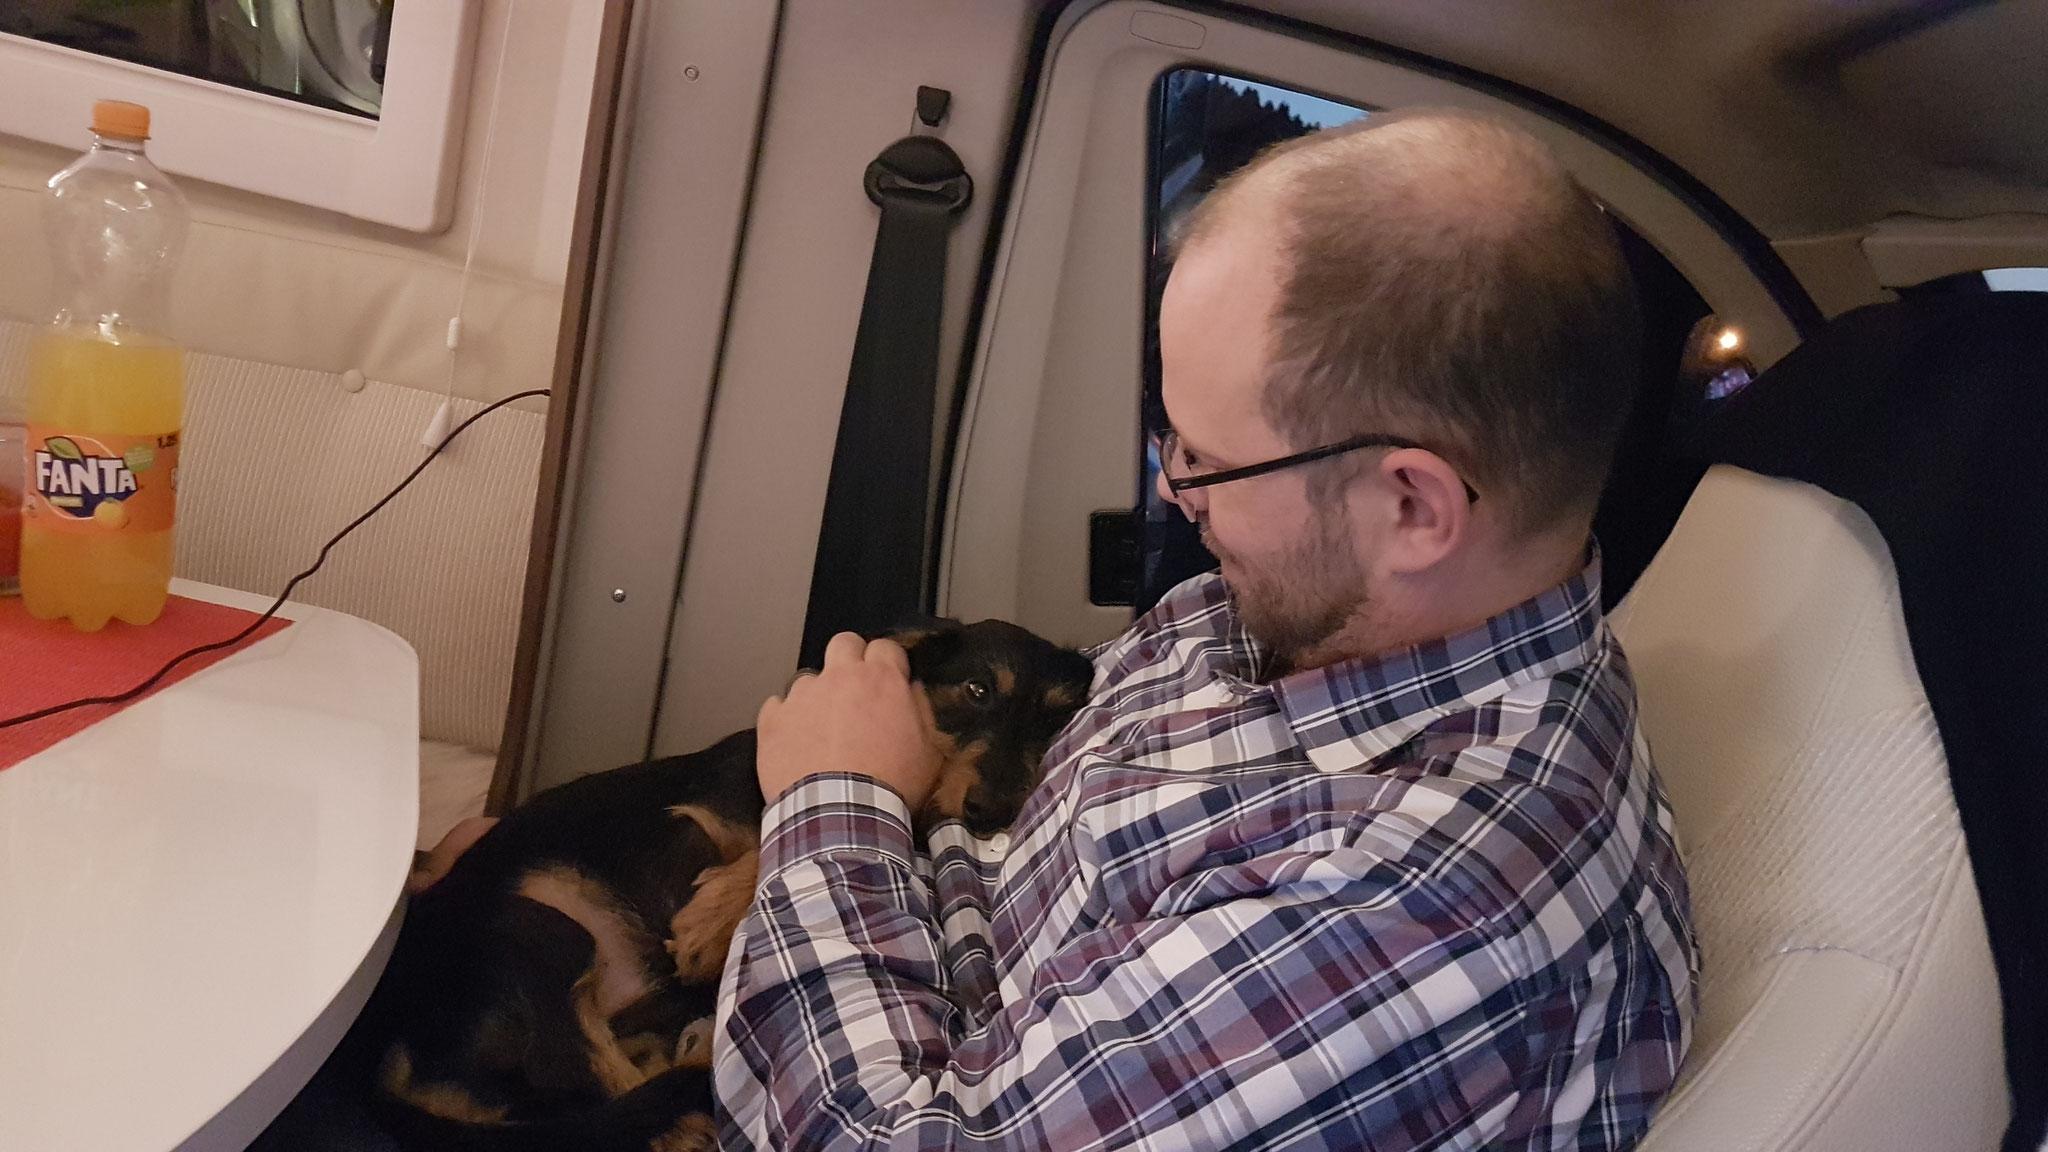 Viel erlebt - Olly ist müde und kuschelt bei Papa